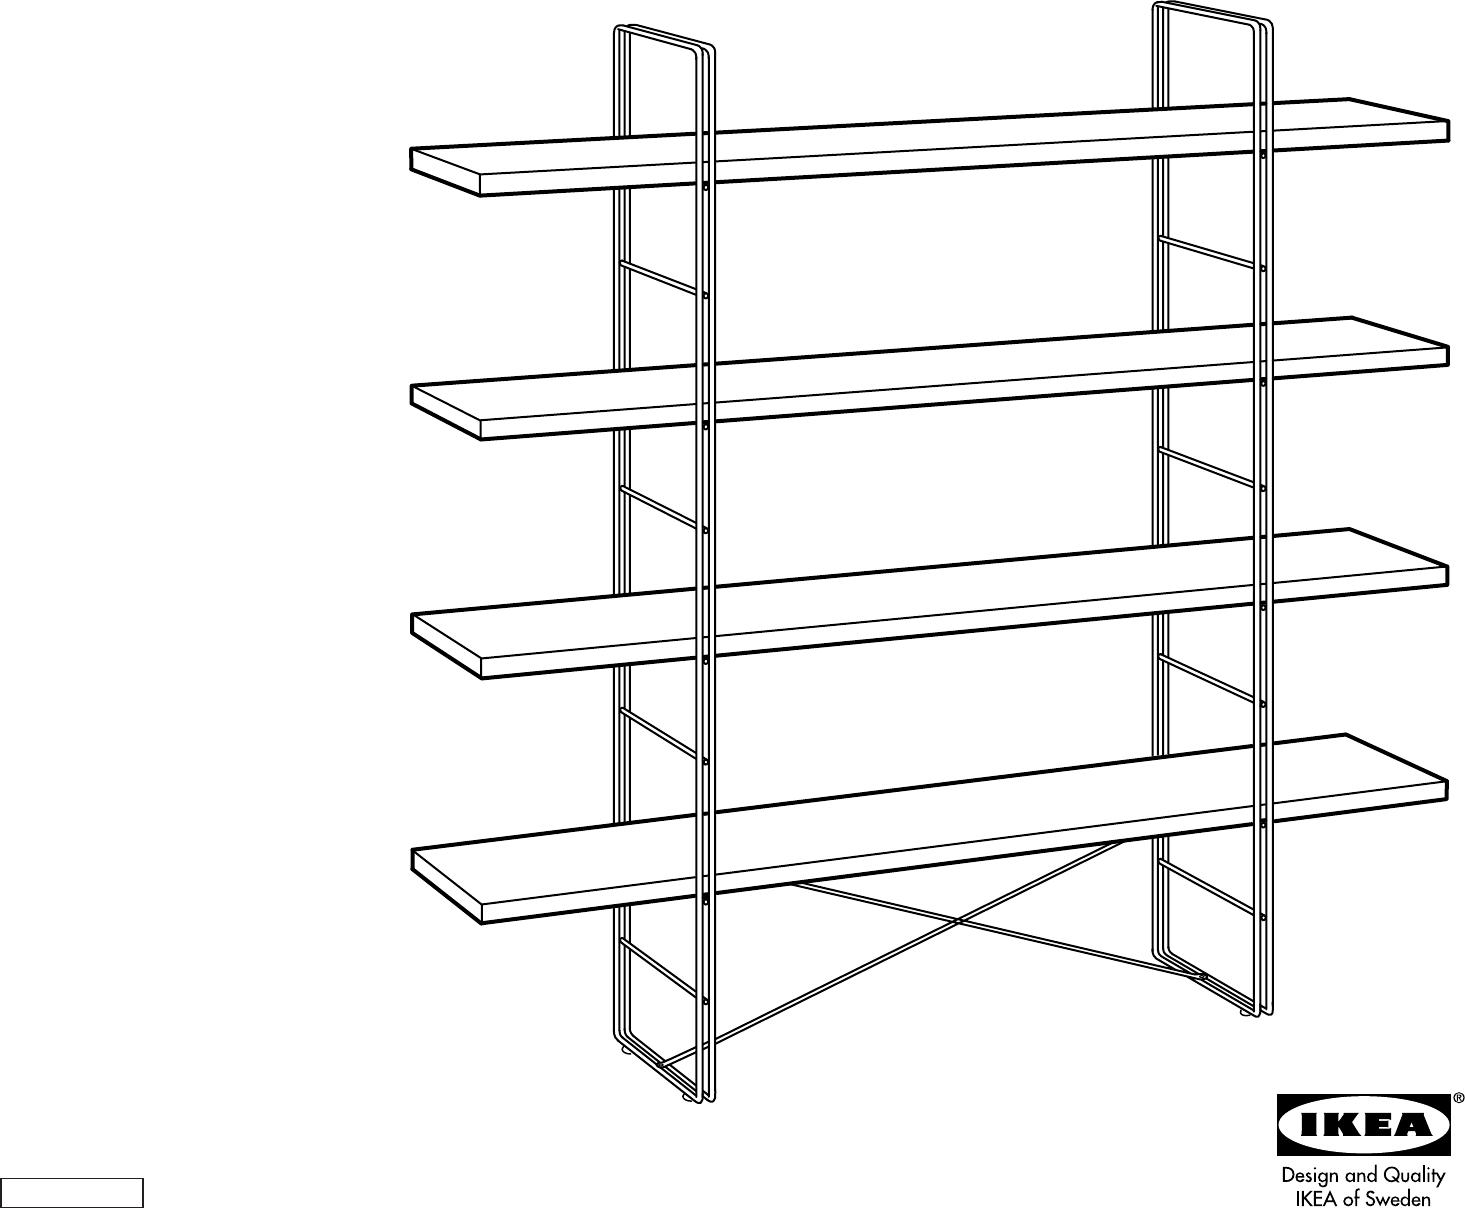 bedienungsanleitung ikea enetri open kast seite 1 von 4 d nisch deutsch englisch spanisch. Black Bedroom Furniture Sets. Home Design Ideas